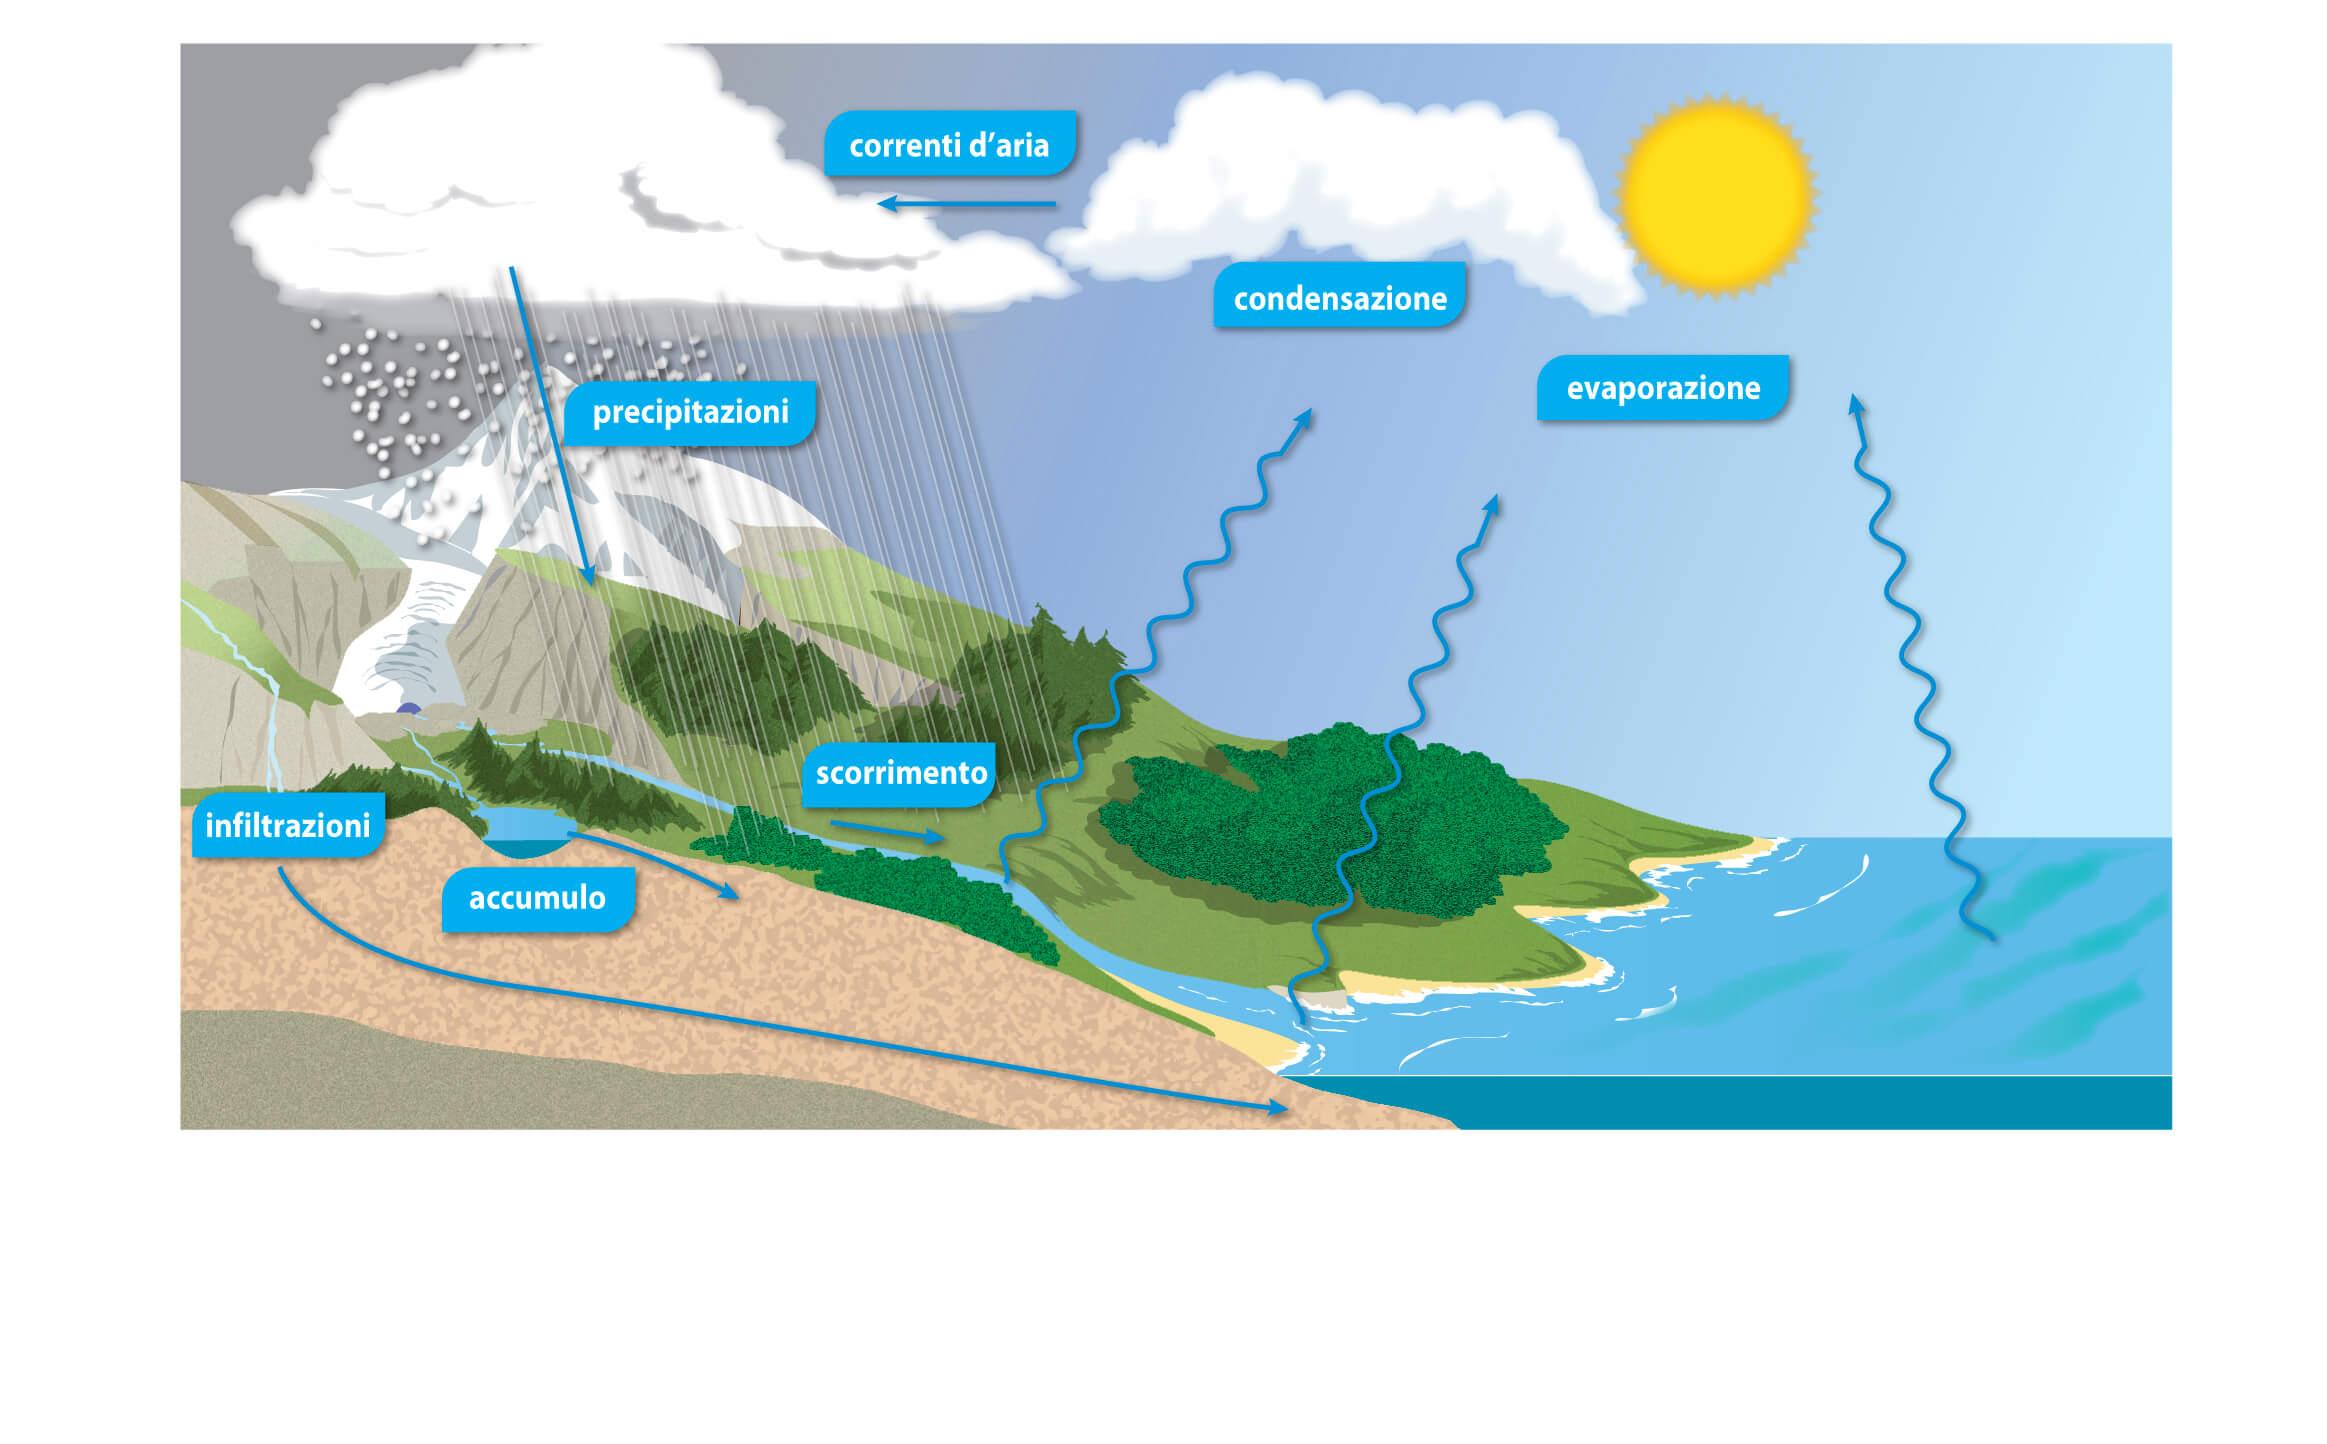 Spiegare il ciclo dell'acqua ai bambini